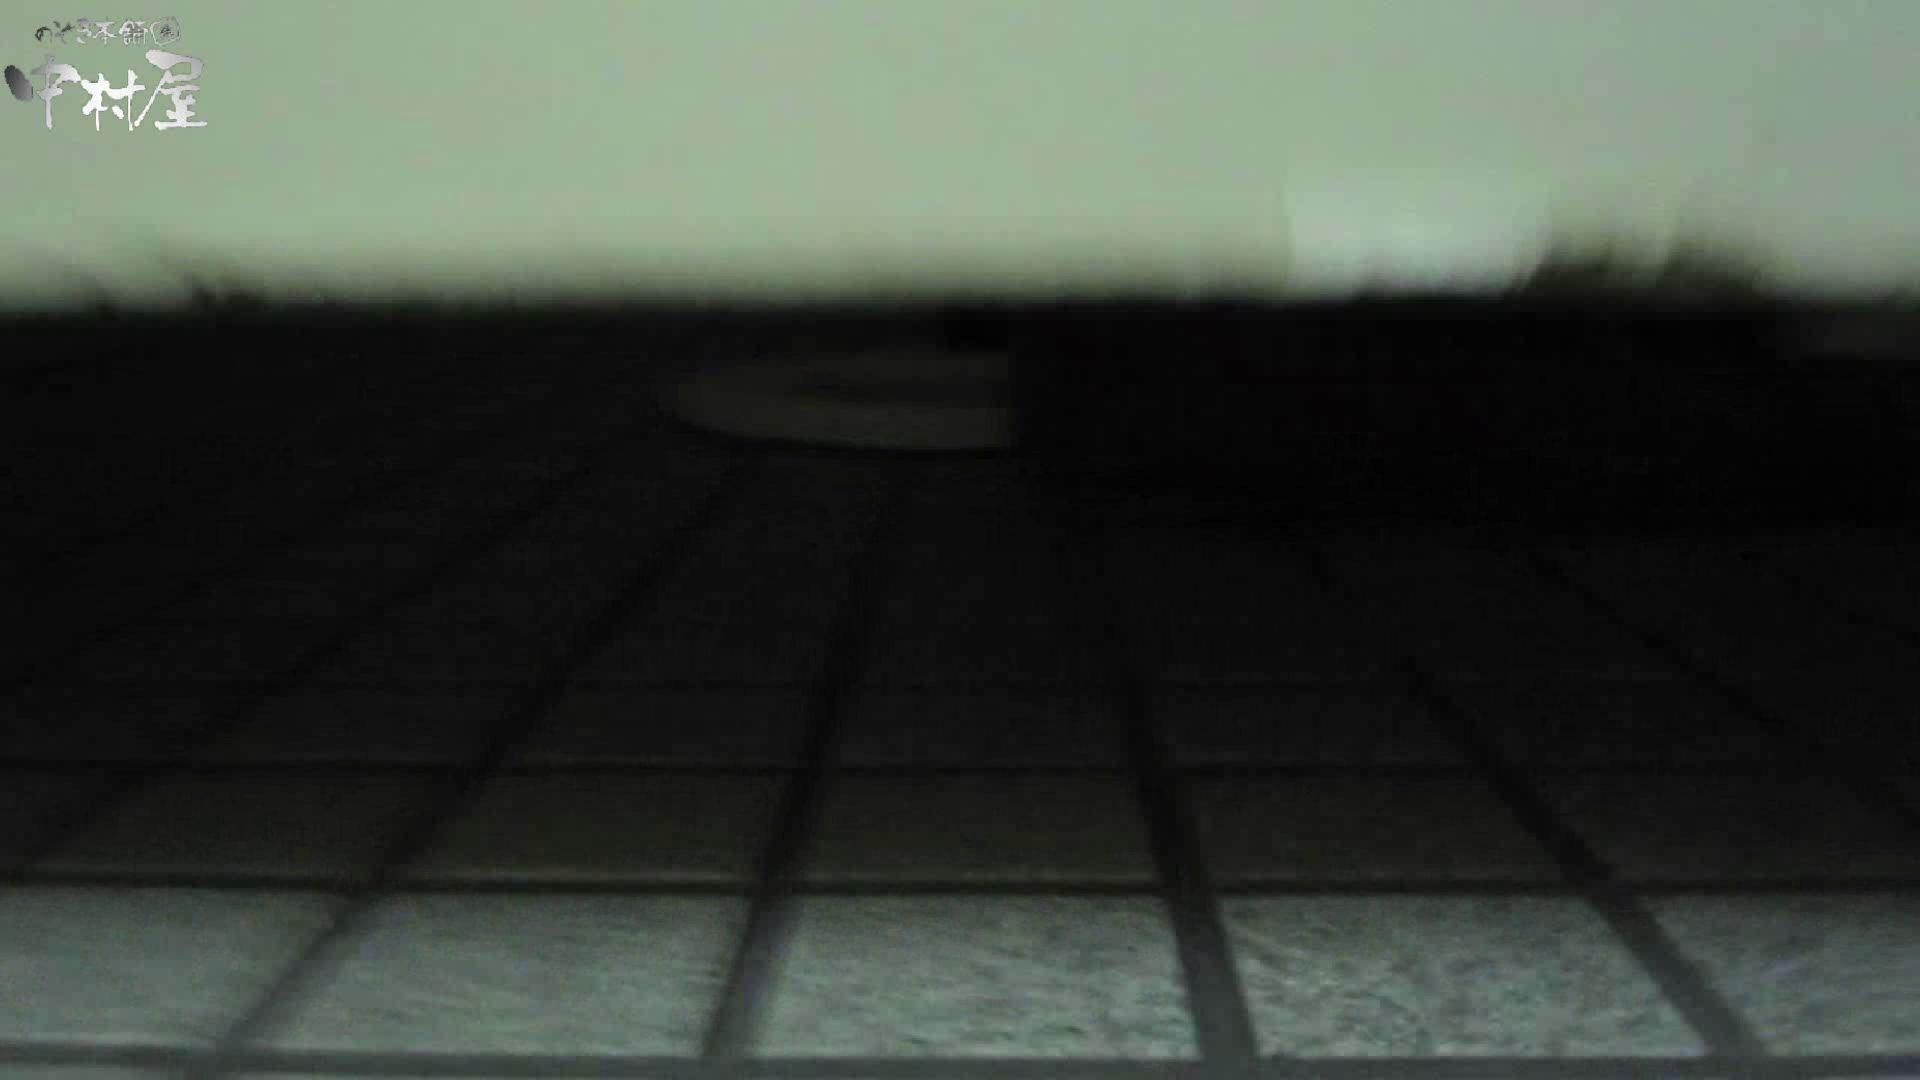 魂のかわや盗撮62連発! ロンハーギャル! 45発目! ギャルのエロ動画 スケベ動画紹介 102PIX 53